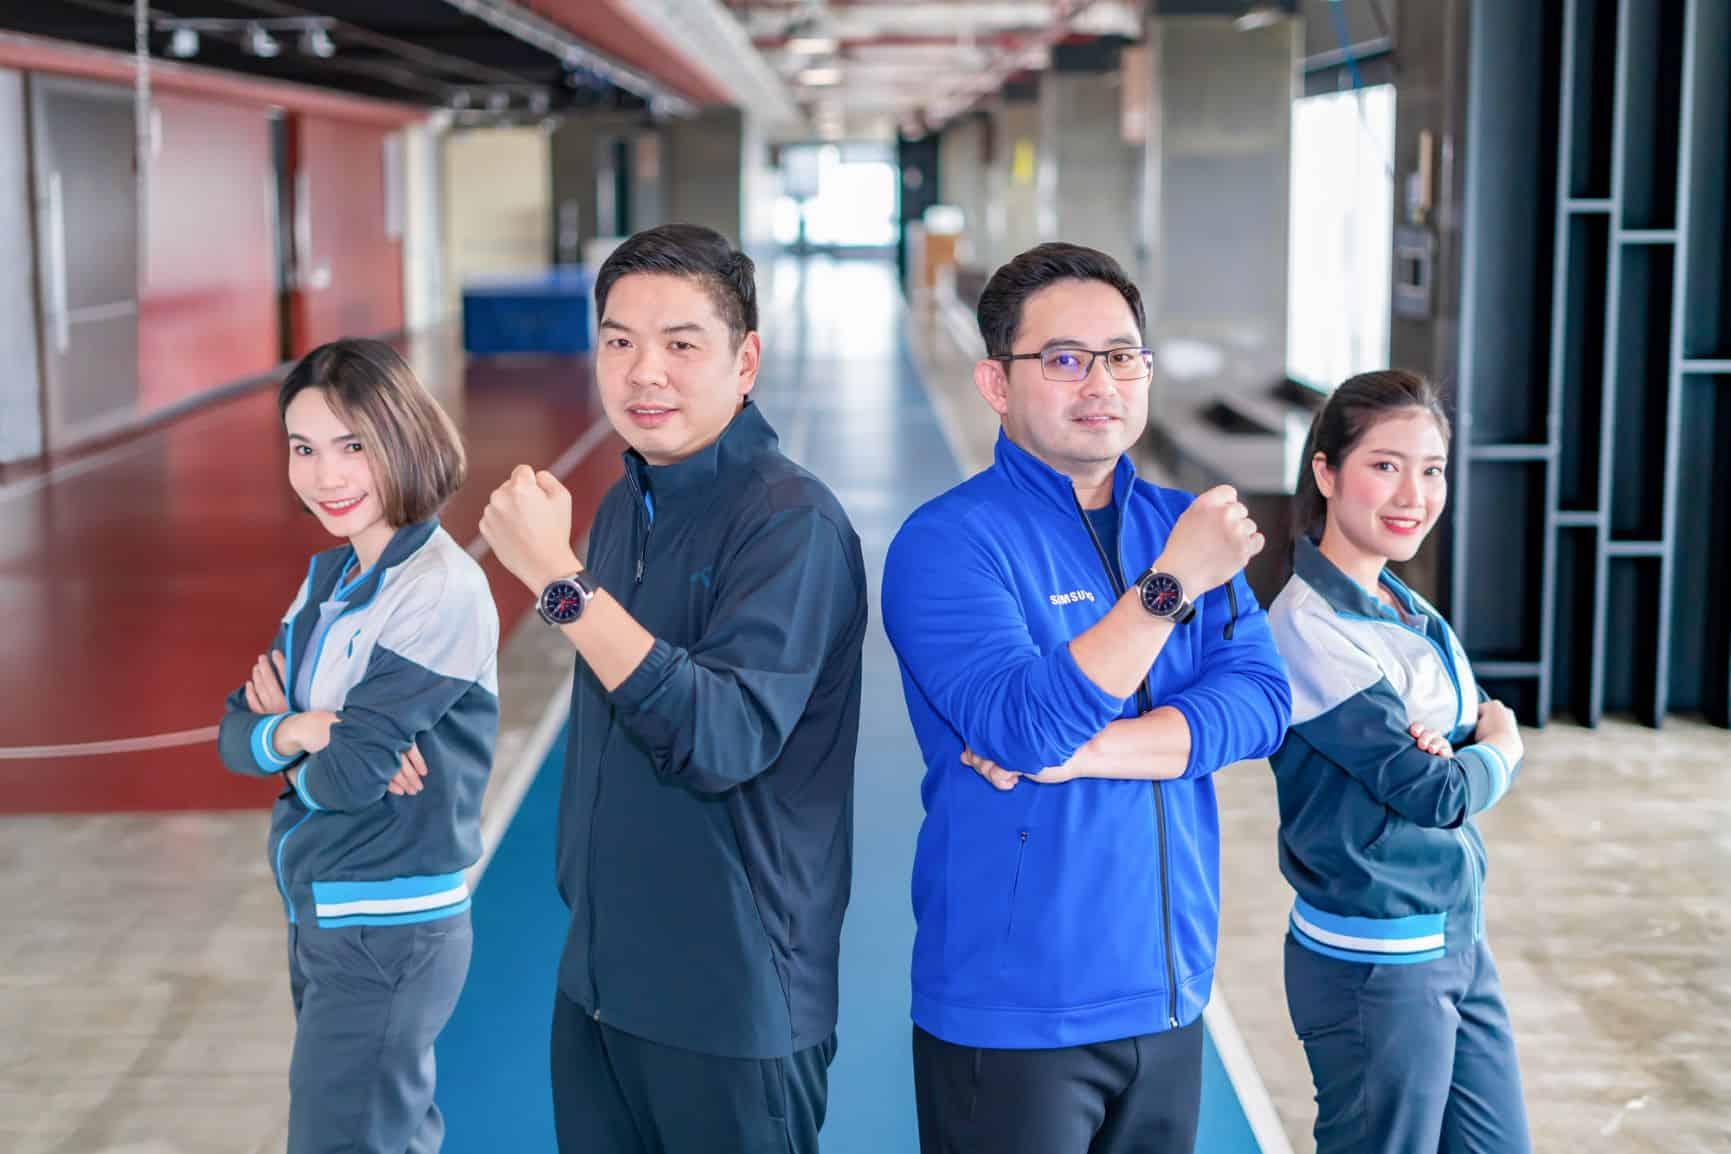 """ดีแทคไม่หยุดดูแลคุณ ส่งโปรฯ เอาใจลูกค้าสายสุขภาพกับ """"Samsung Galaxy Watch eSim"""" เริ่มต้นเพียง 10,490 บาท ฟรีค่าบริการ Number Pairing นาน 6 เดือน"""